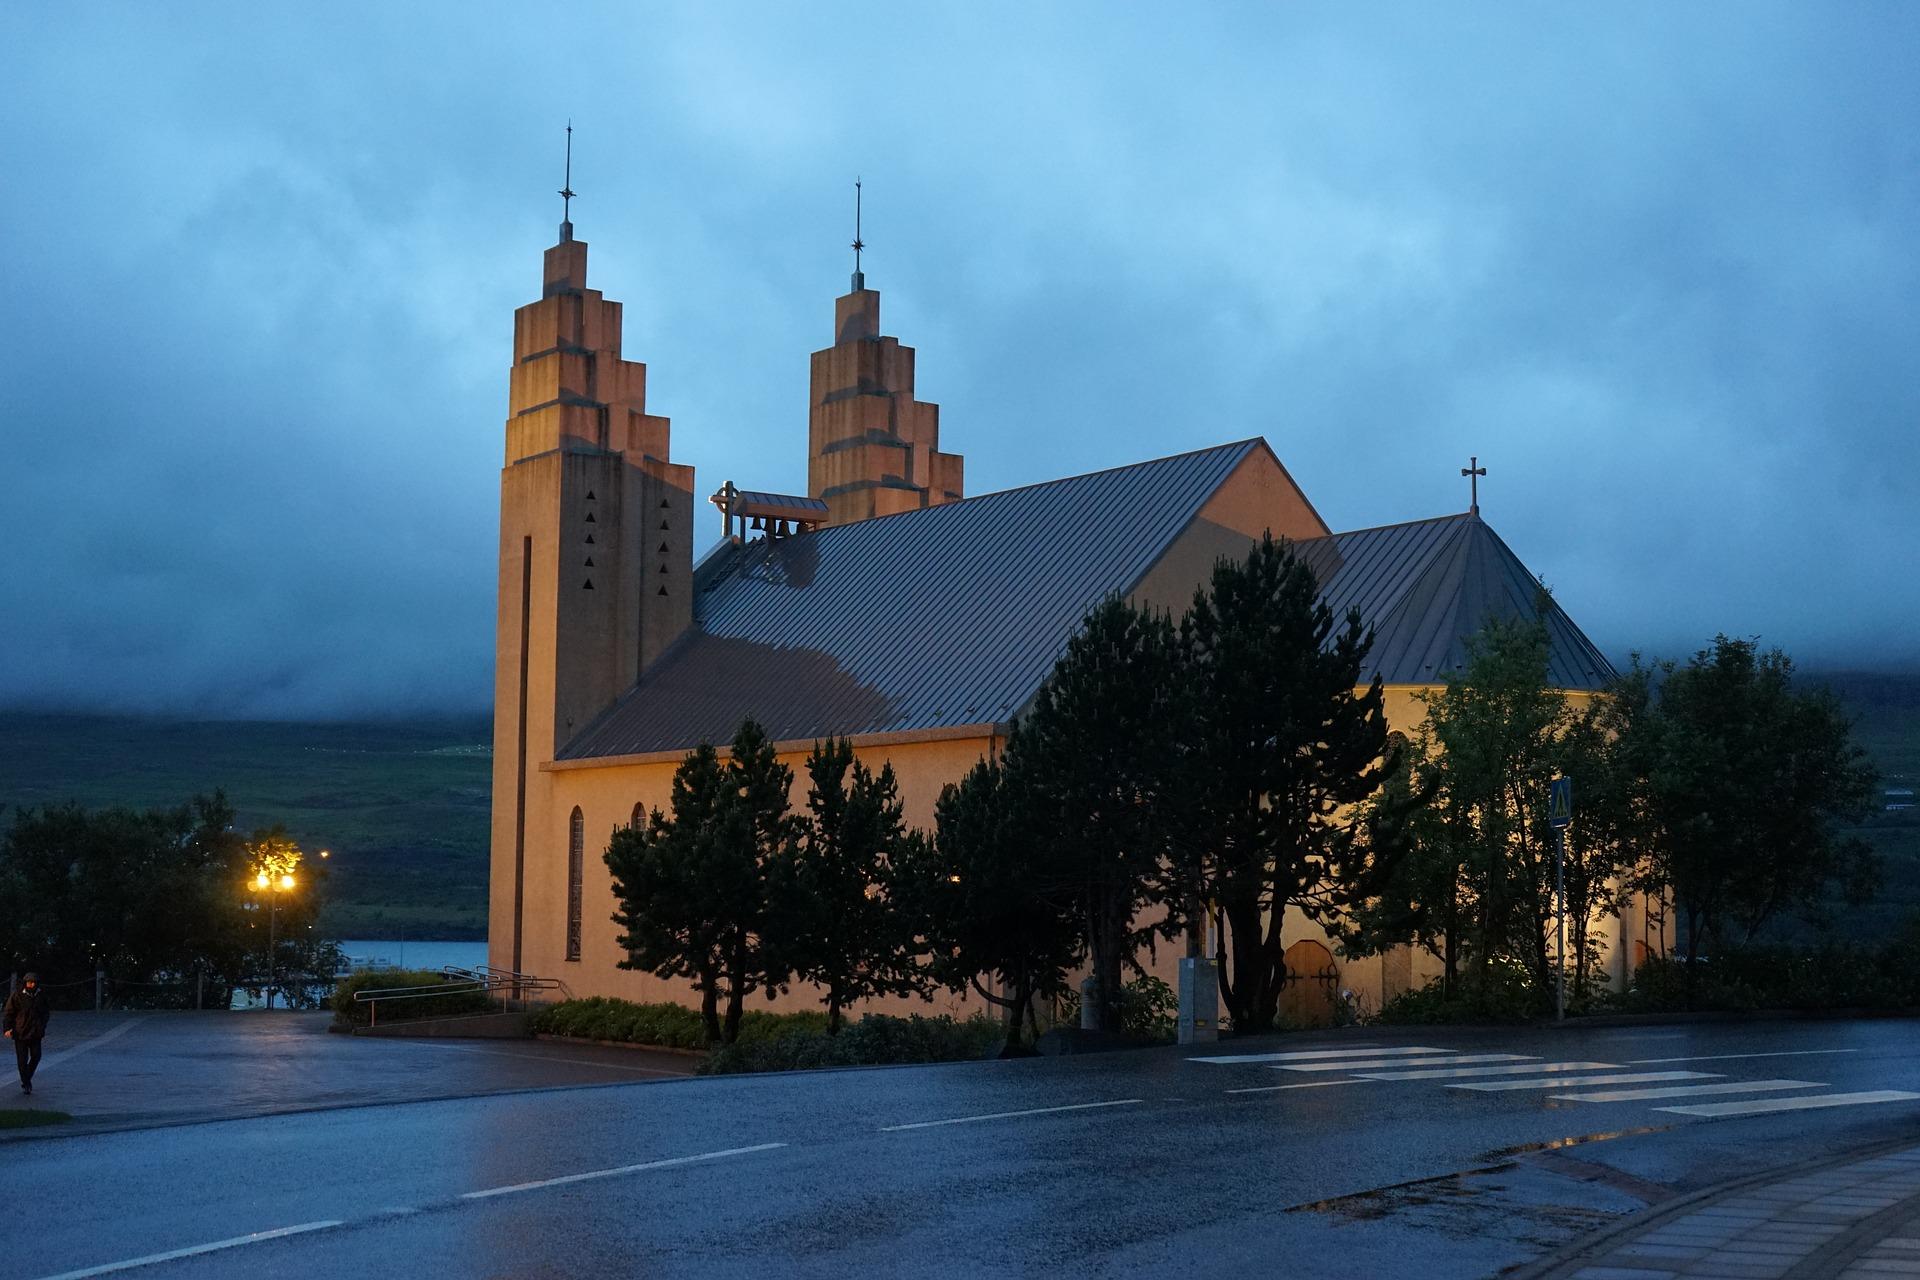 8天7夜环岛中文导游精品团|冬季来冰岛追极光,雷克雅未克出发,圣诞新年春节多个日期 - day 7